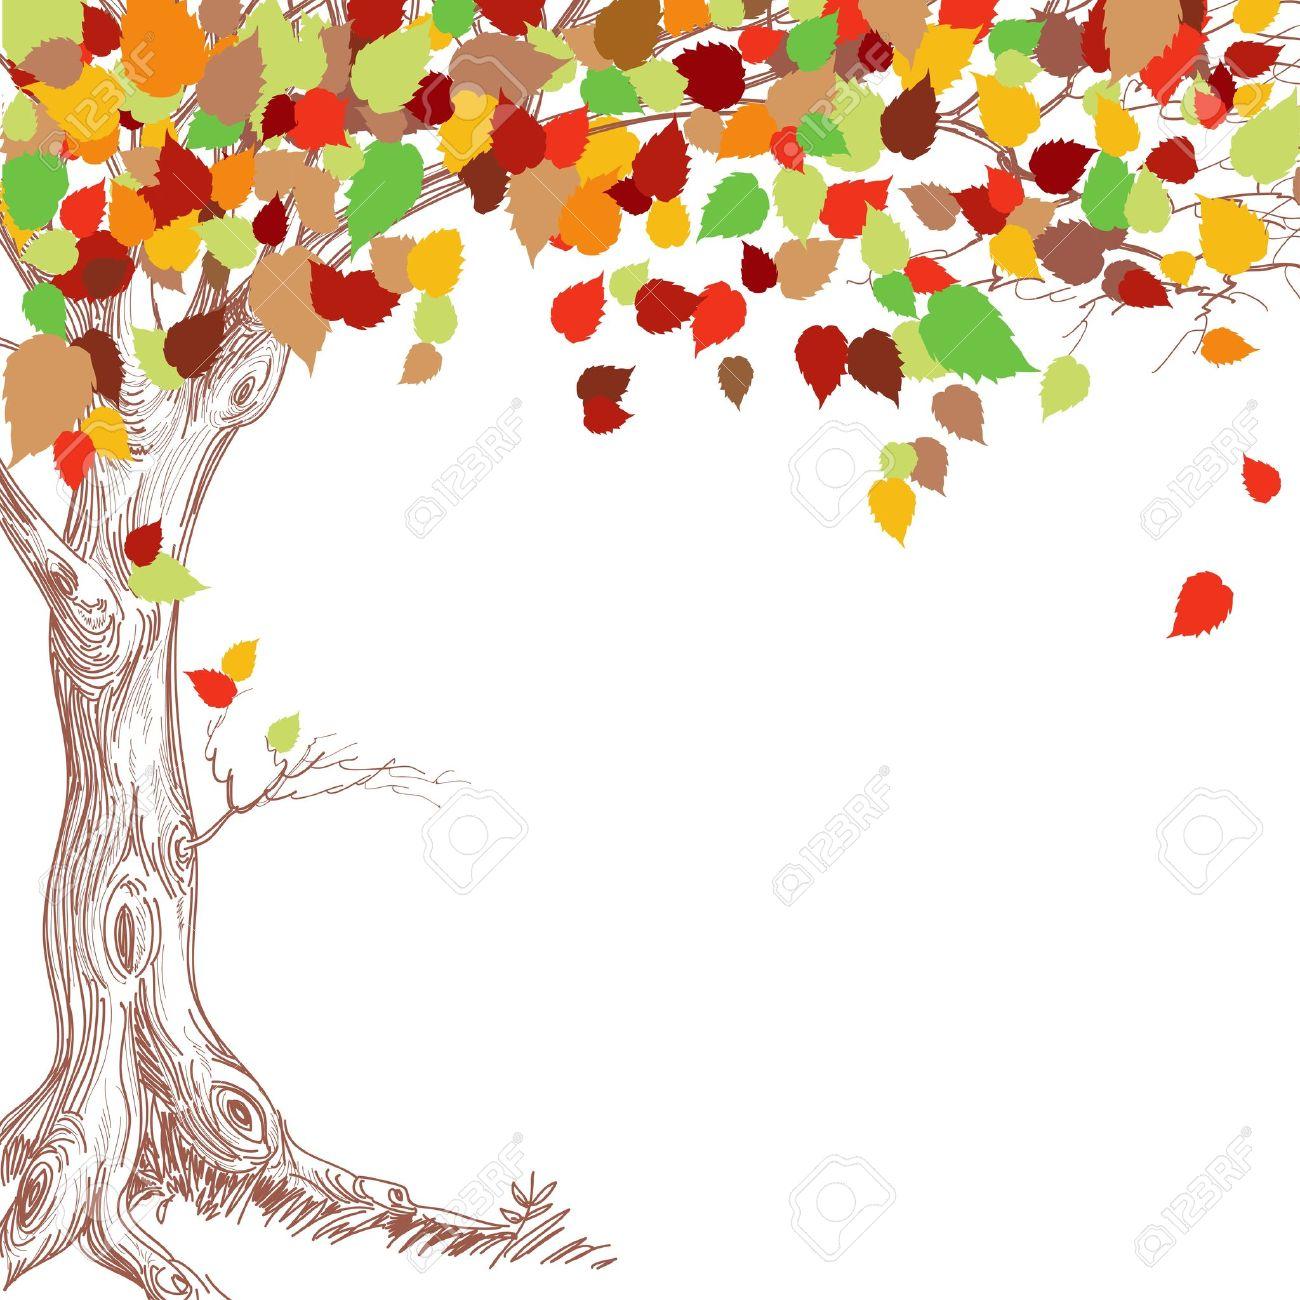 Fall Tree Border Clipart.